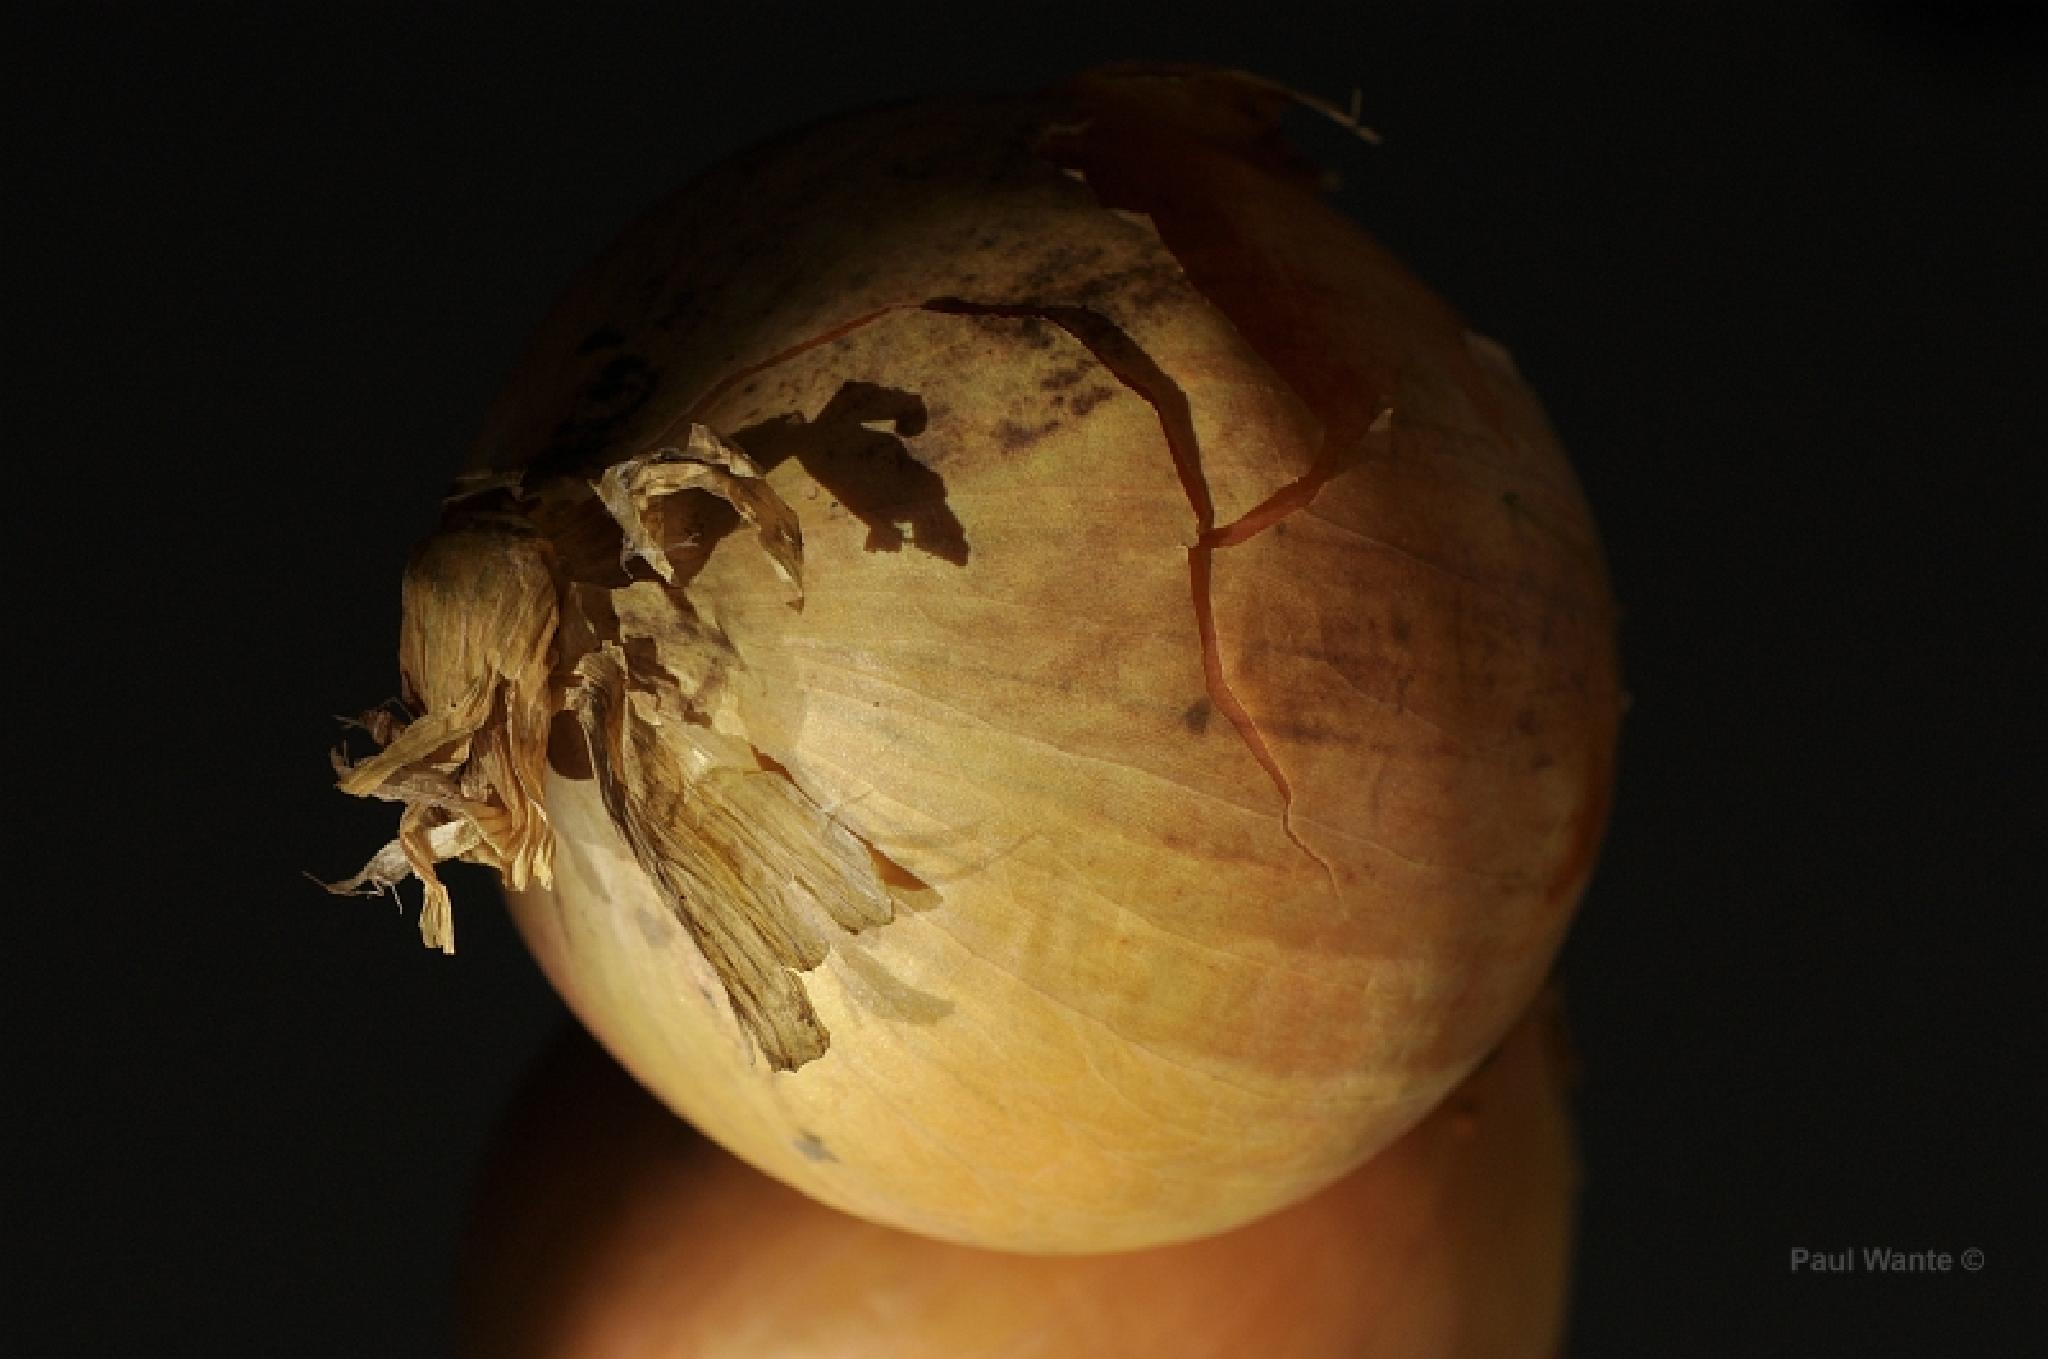 onion by paul wante